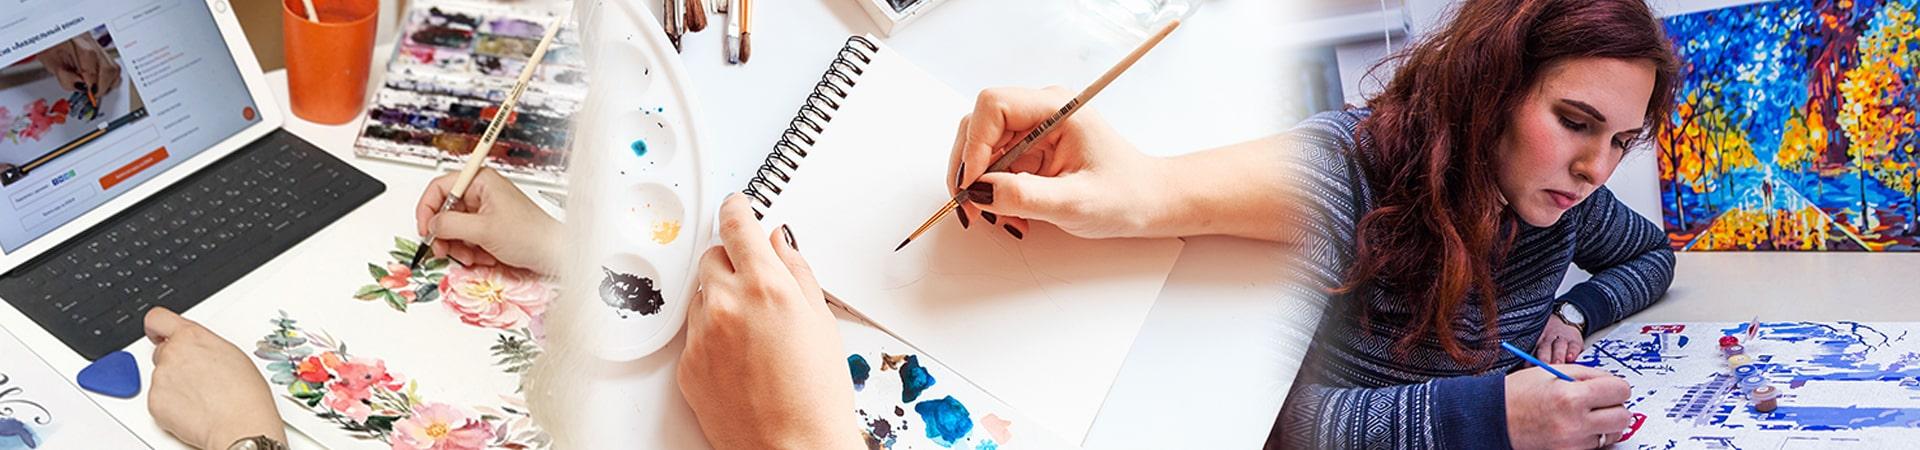 Онлайн мастер-класс рисование